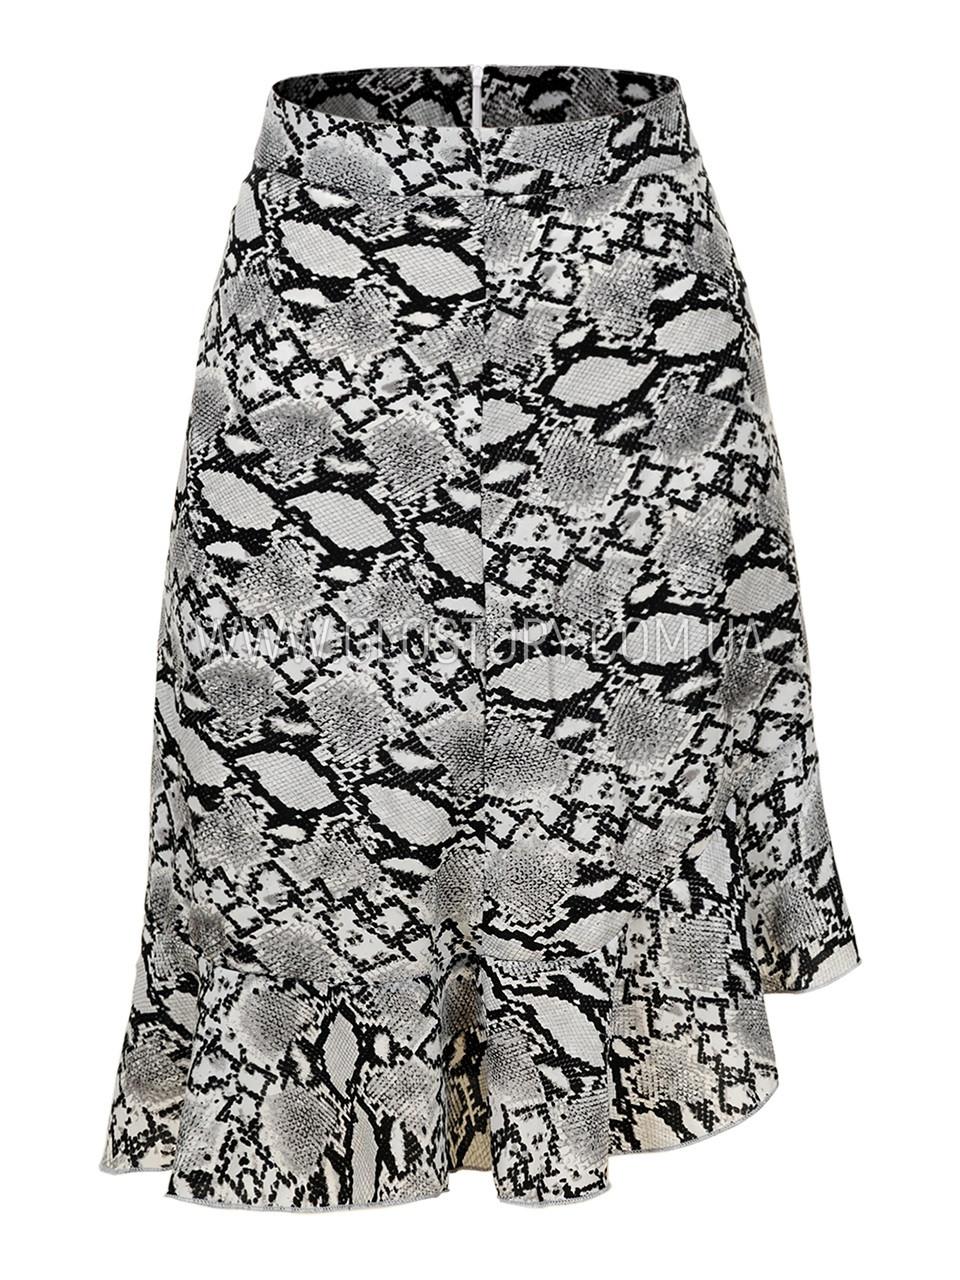 Женская длинная юбка GLO-Story,Венгрия